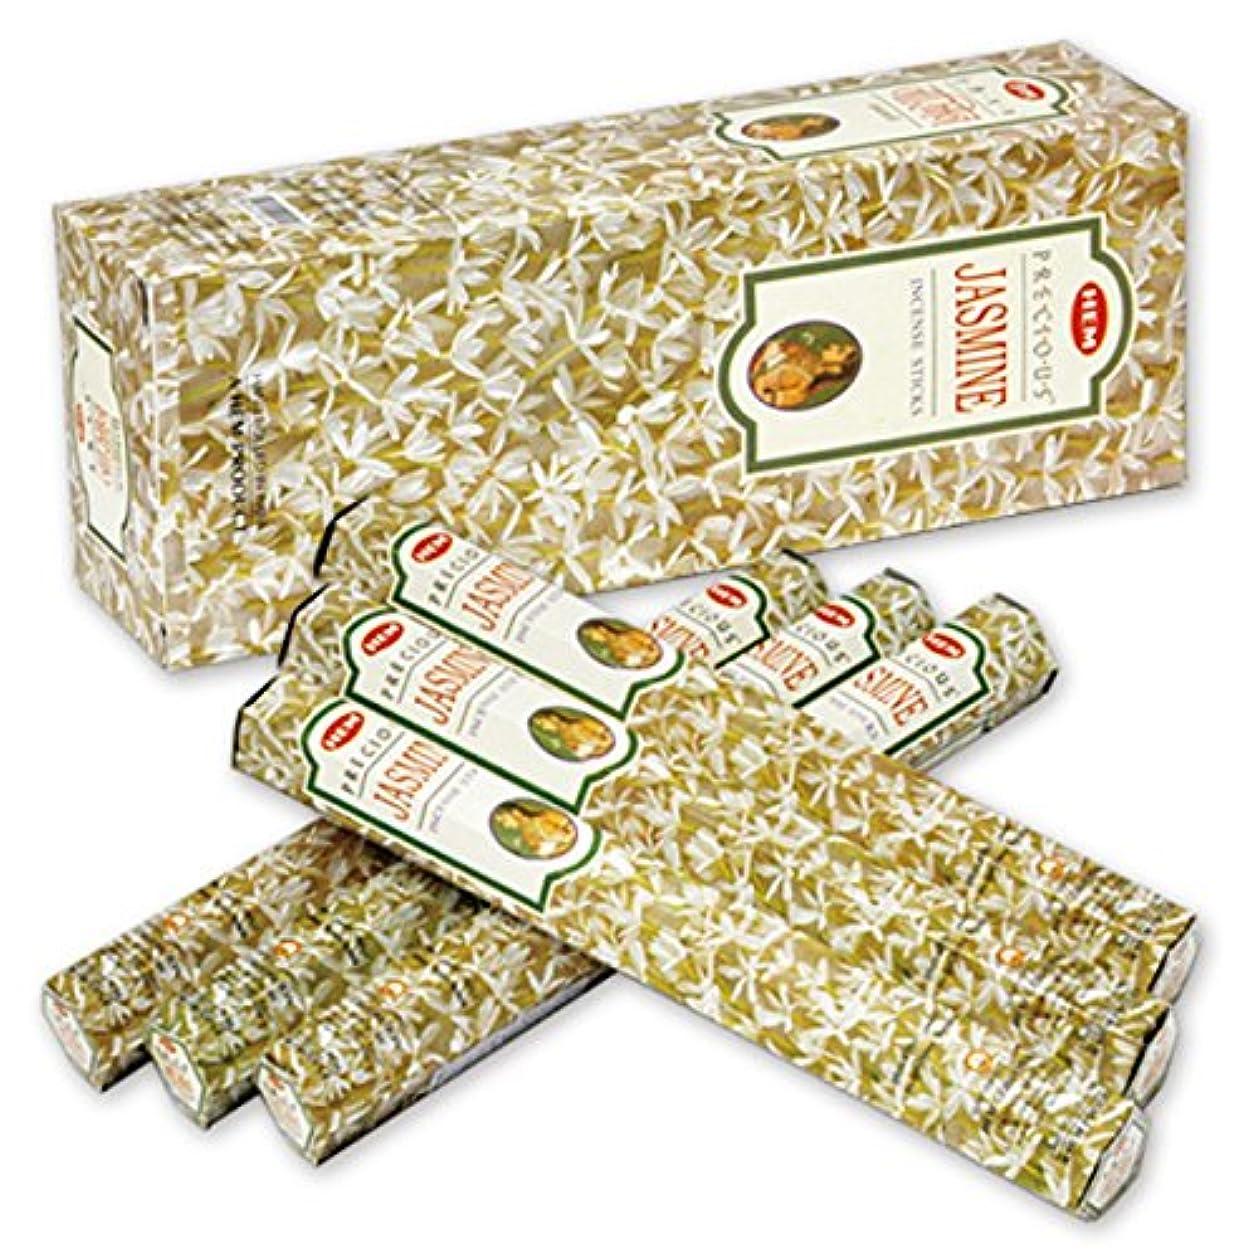 タンパク質そっとセマフォHEM(ヘム) ジャスミン JASMINE スティックタイプ お香 6筒 セット [並行輸入品]